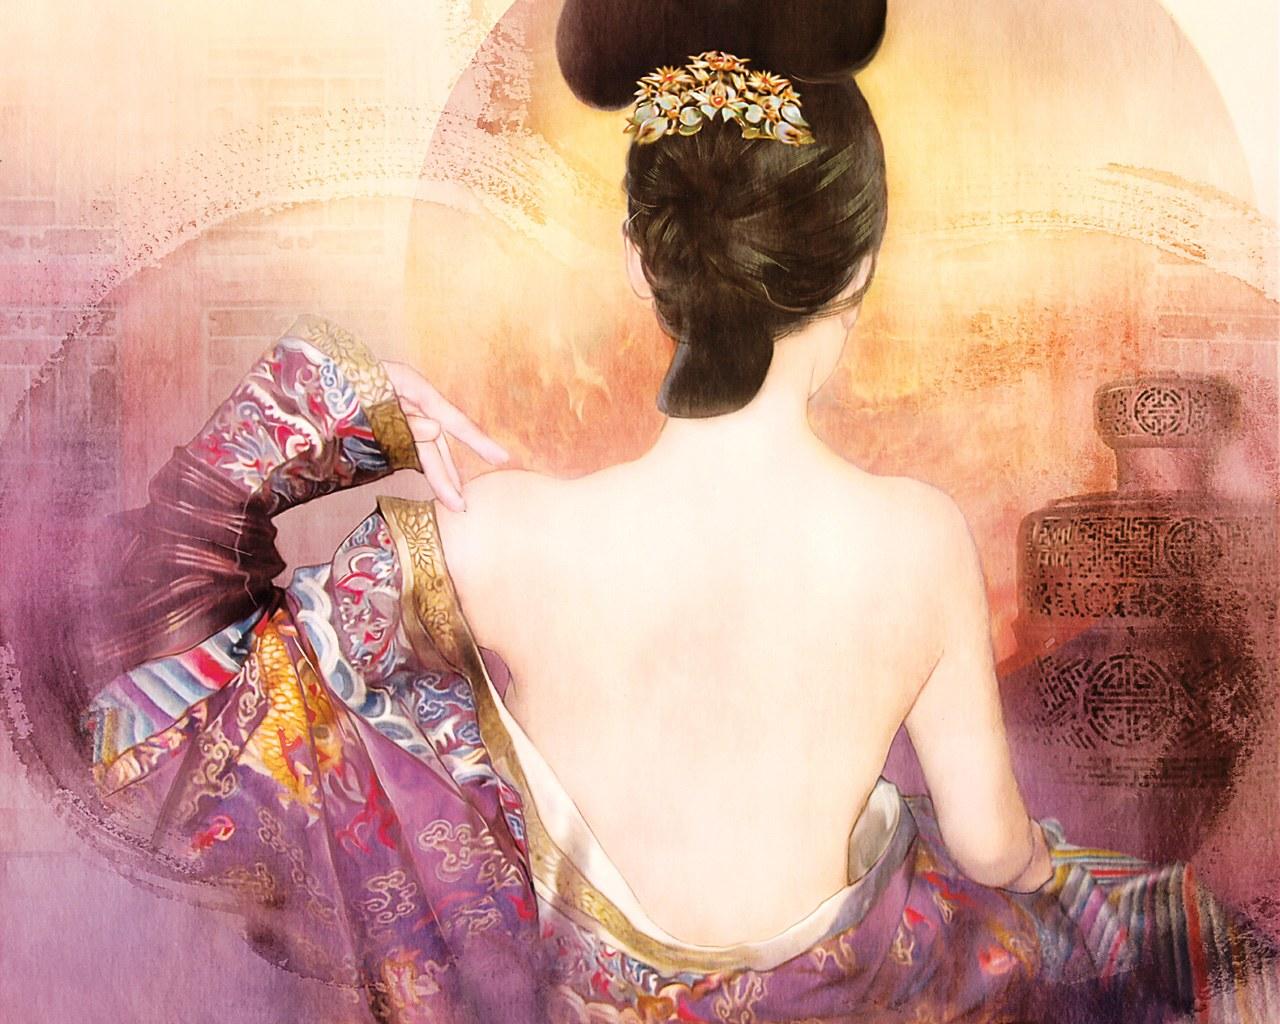 壁纸1280×1024德珍绘画 古代女子绘画壁纸壁纸 德珍绘馆东方画姬霓裳壁纸图片绘画壁纸绘画图片素材桌面壁纸